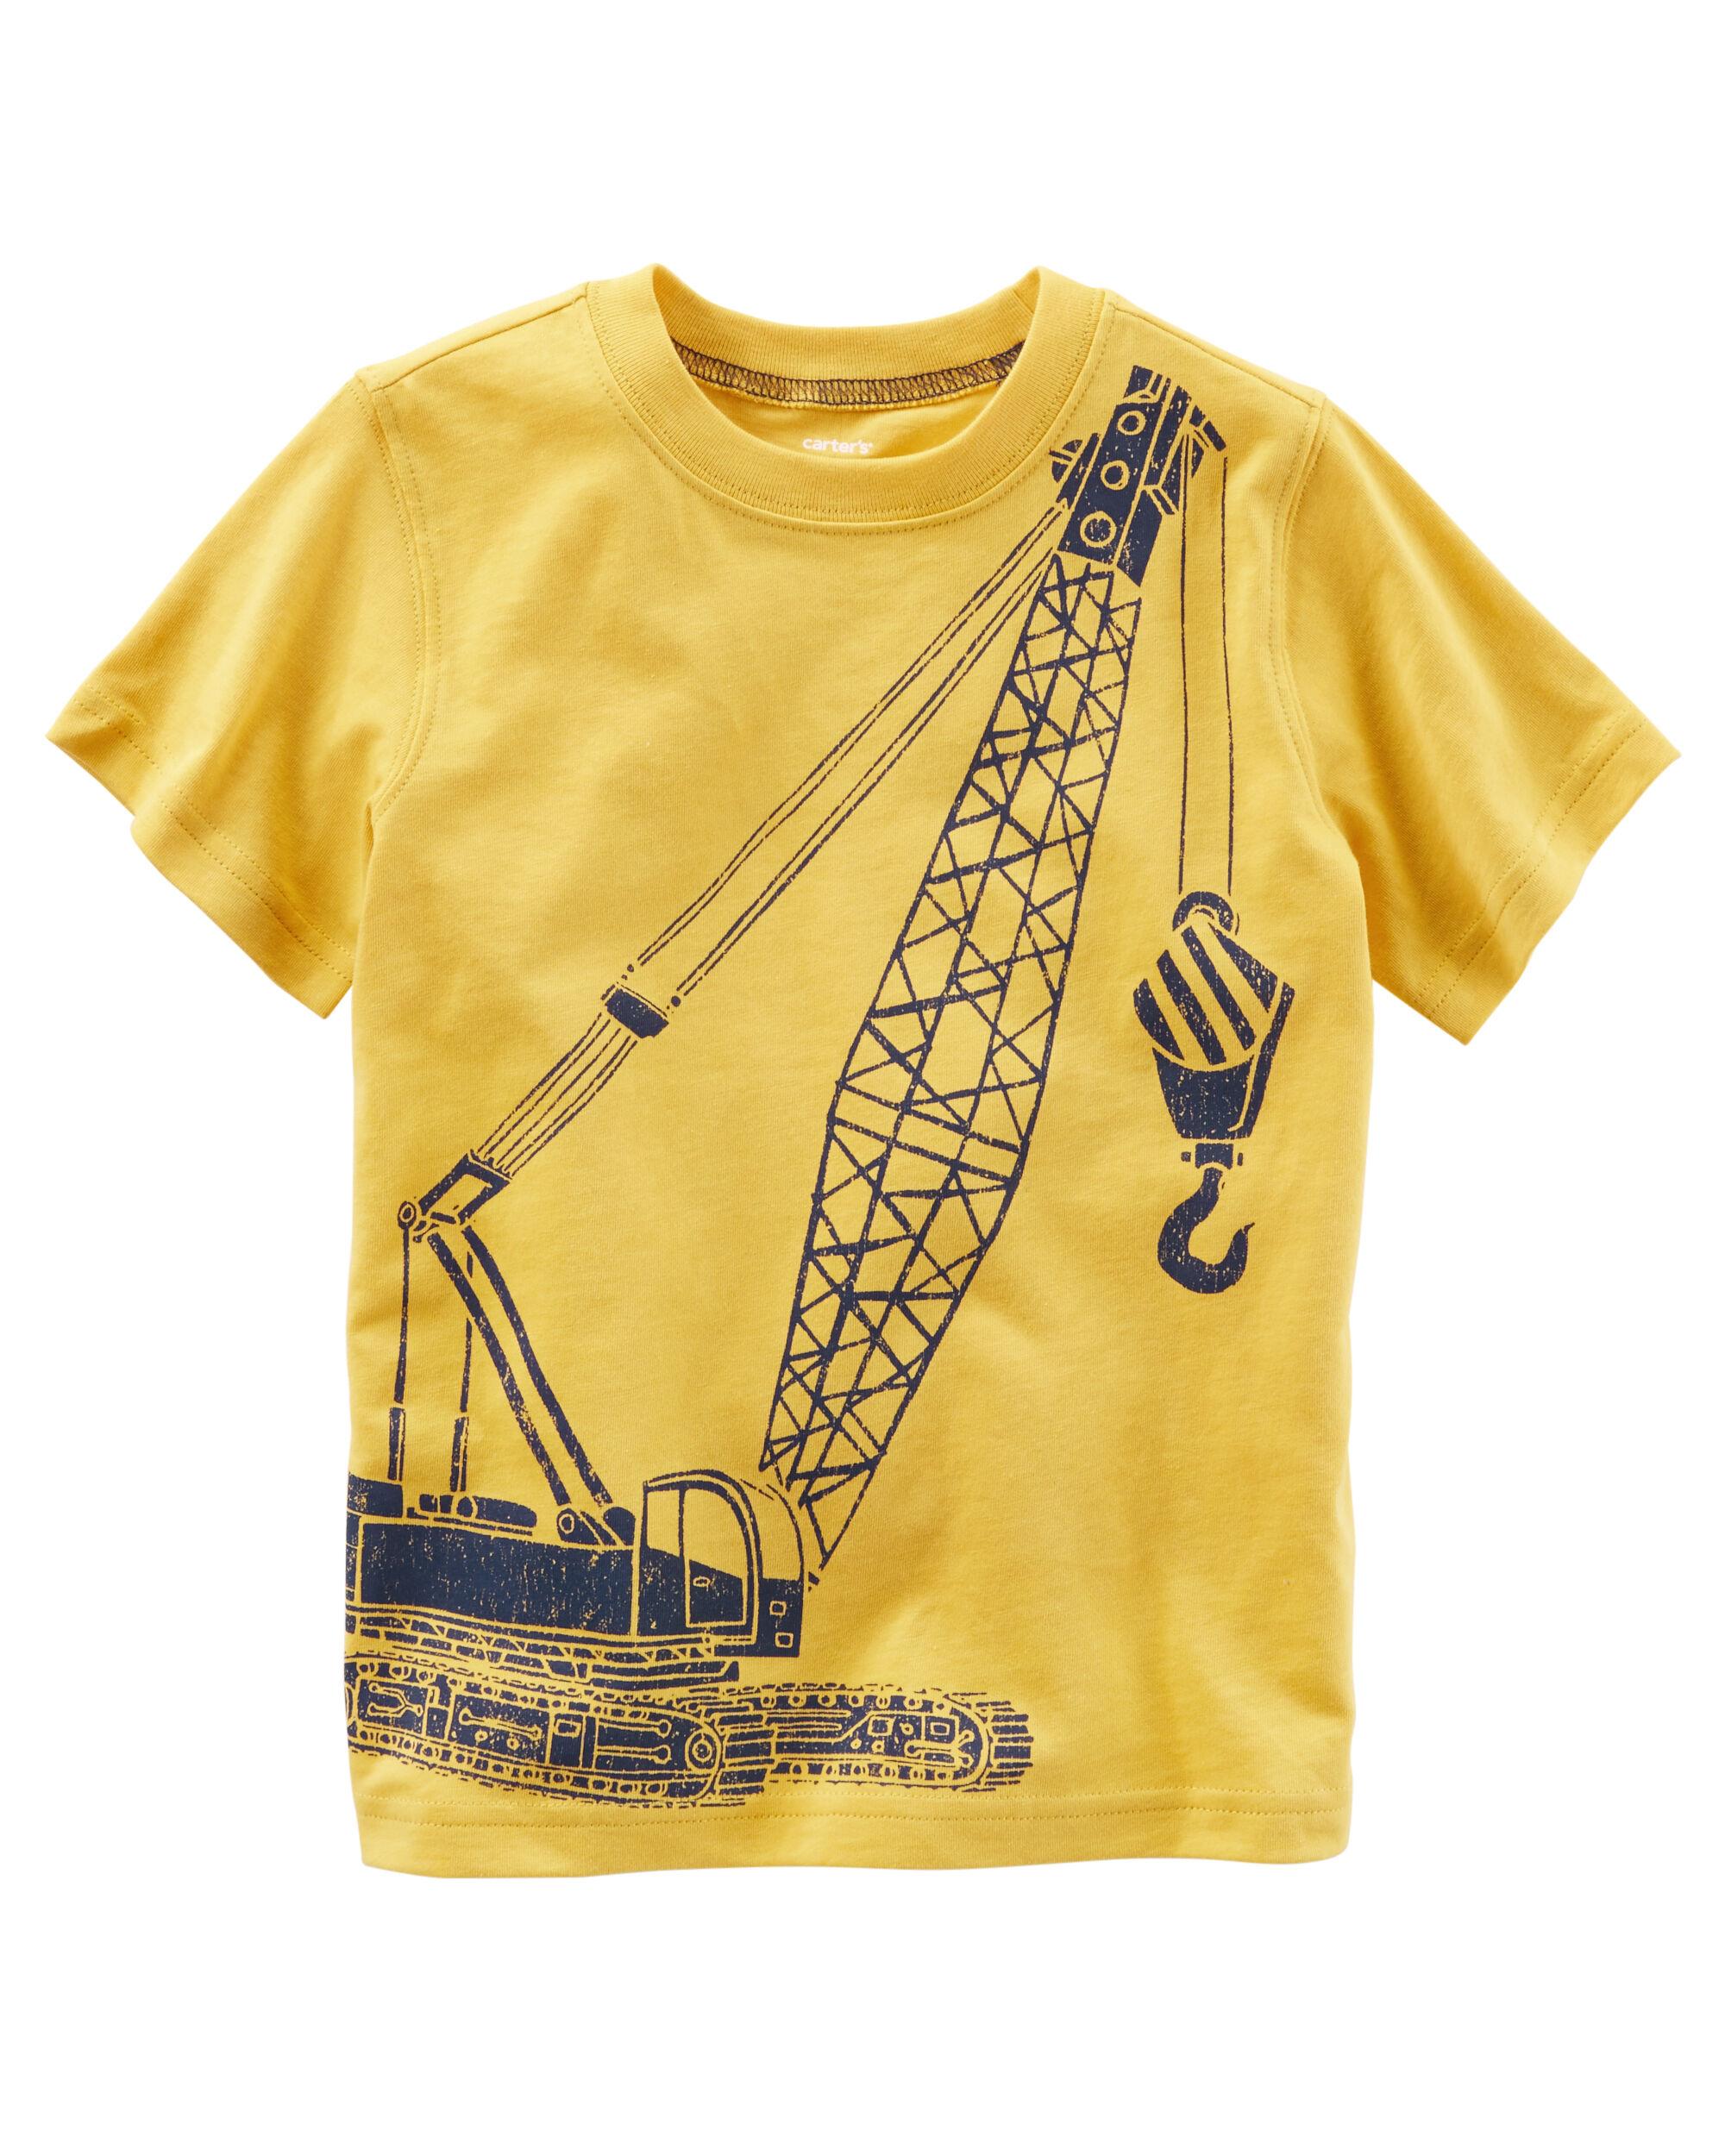 b363a3a8 Plain Yellow T Shirt Kmart - DREAMWORKS